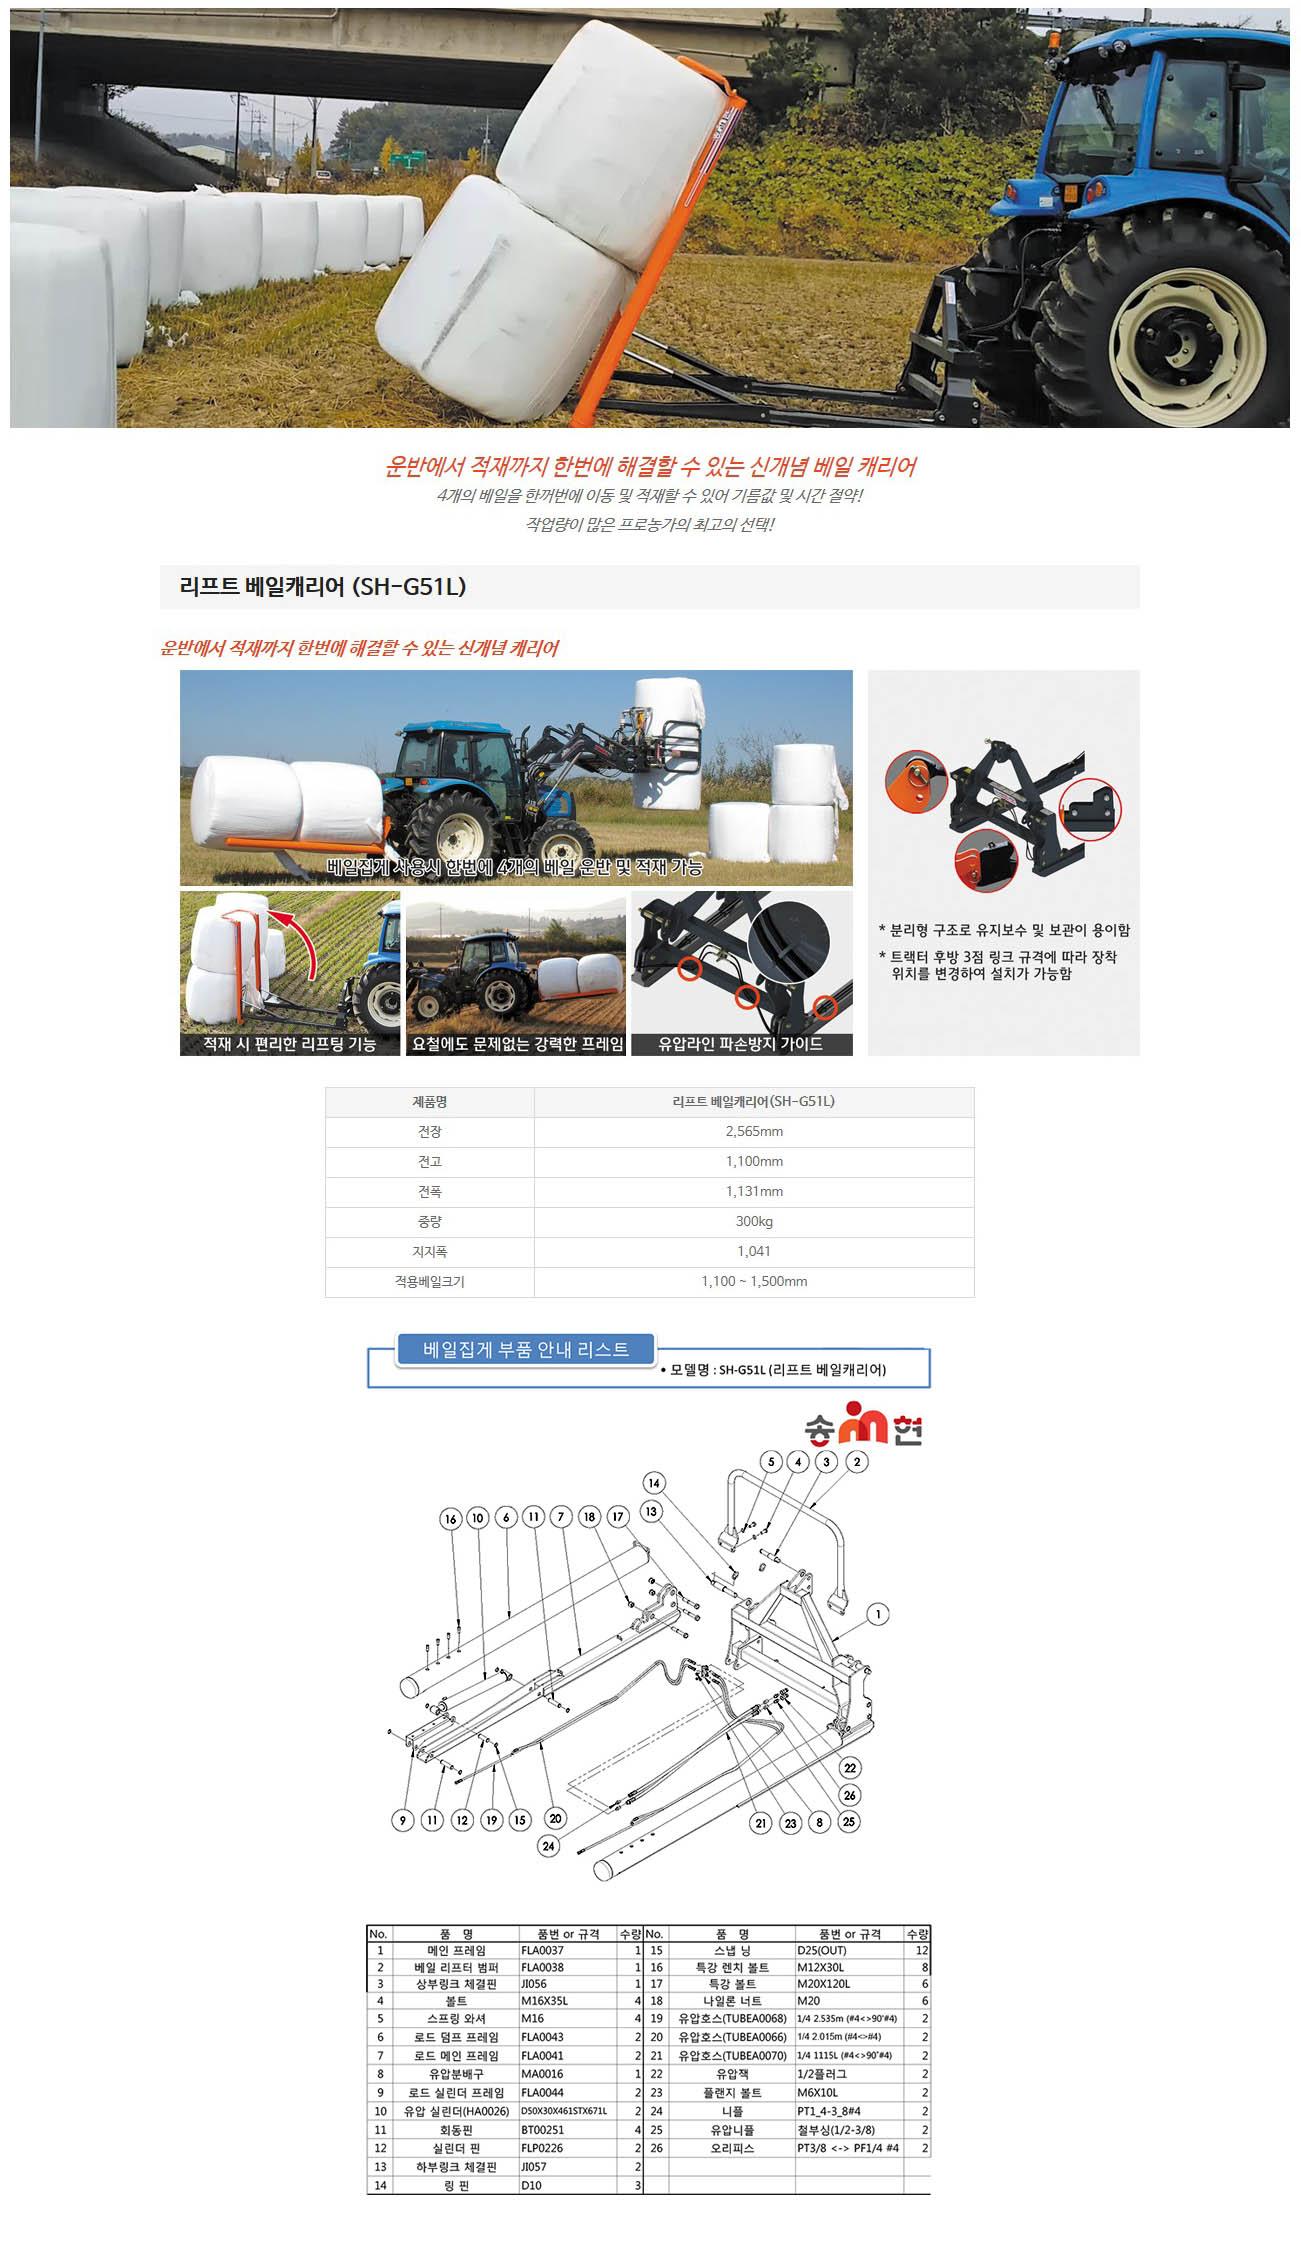 송현 리프트 베일캐리어 SH-G51L